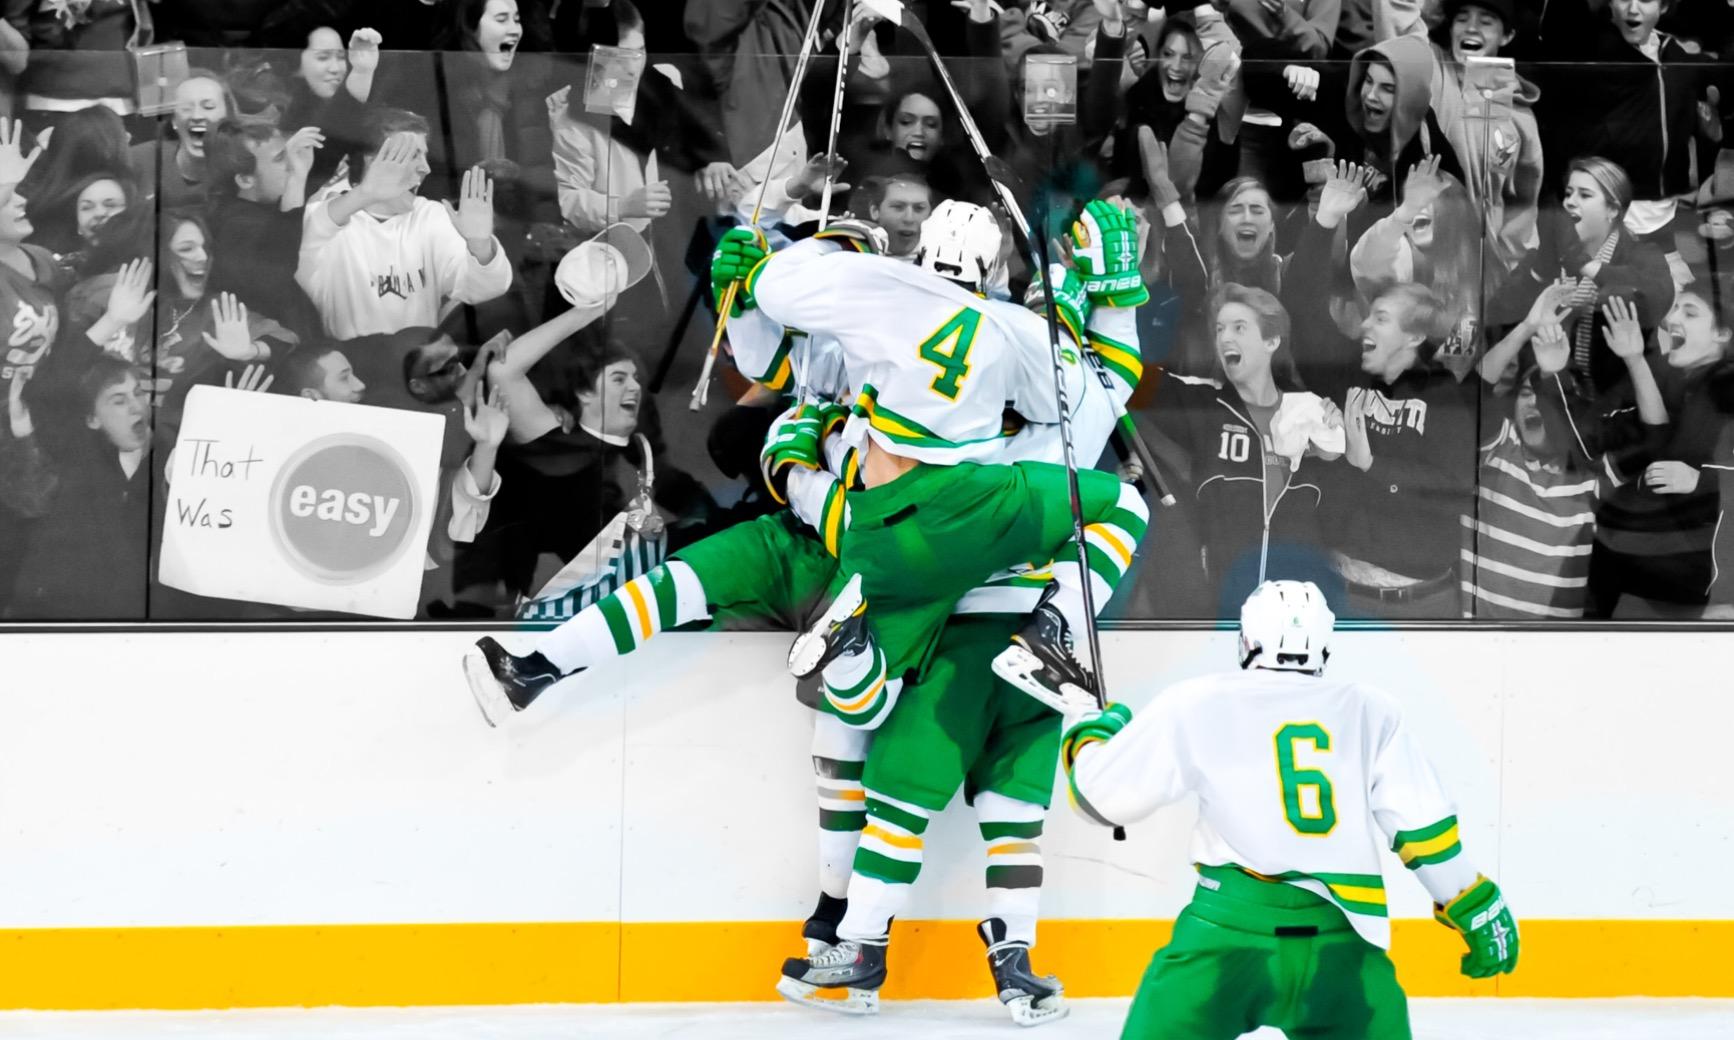 hockeycelebration.JPG